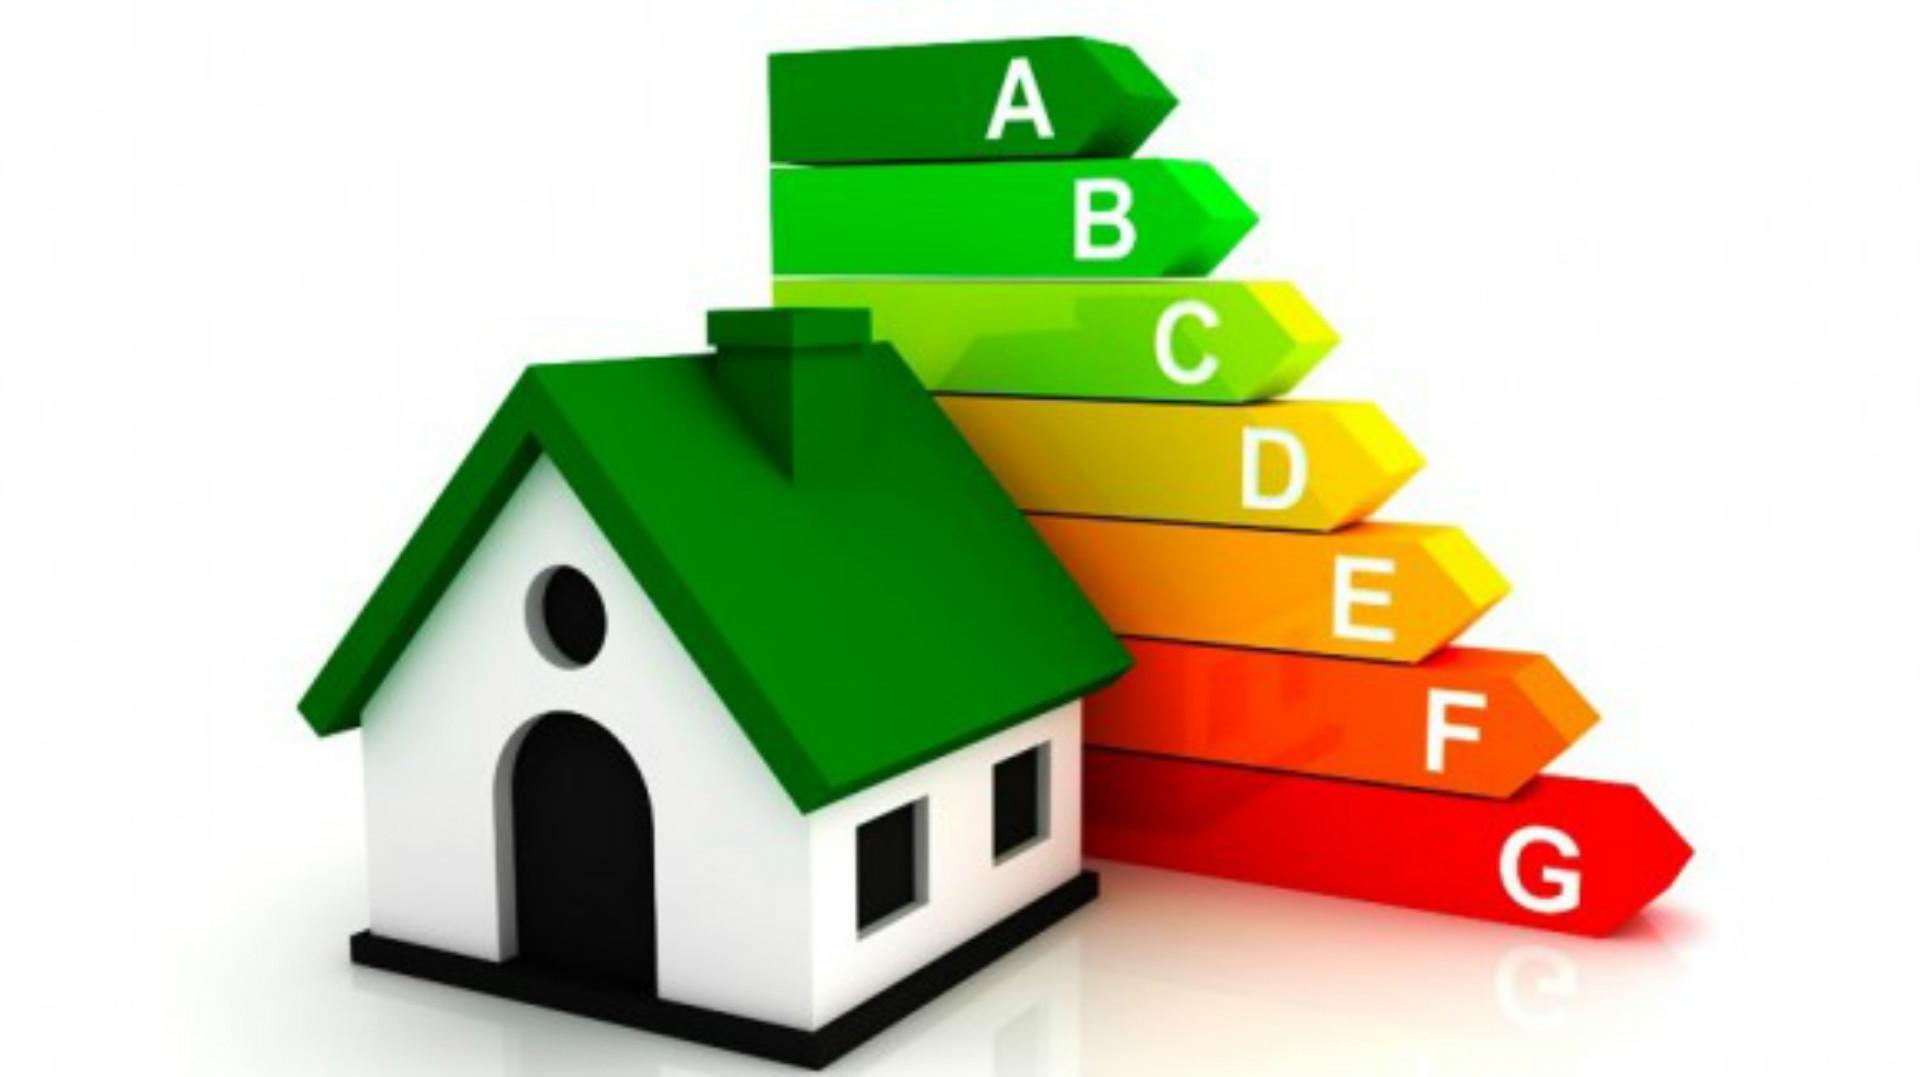 Taxa de certificação energética leva corte de 20%